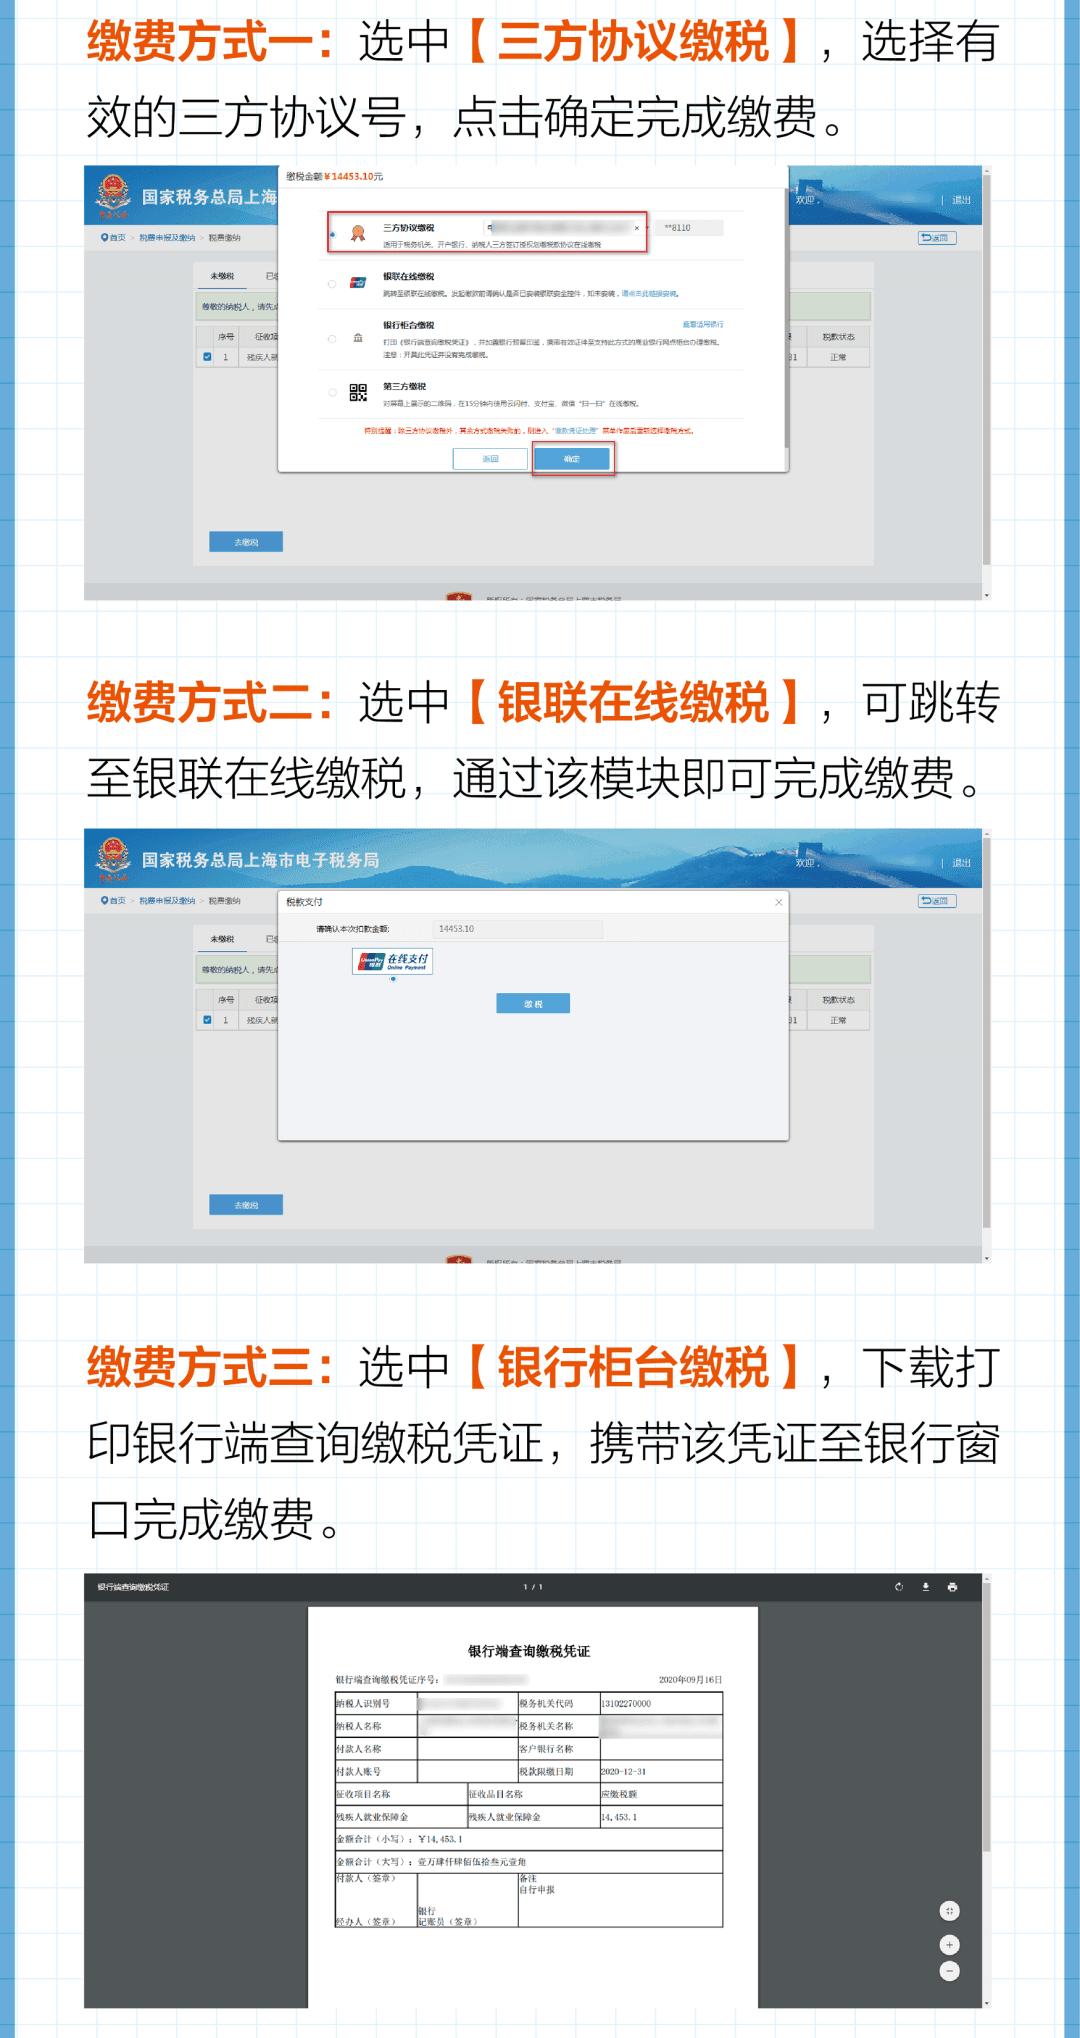 2020年上海残疾人就业保障金开始申报缴费啦!【操作指南】带您一图读懂网上申报缴费全流程!插图(4)